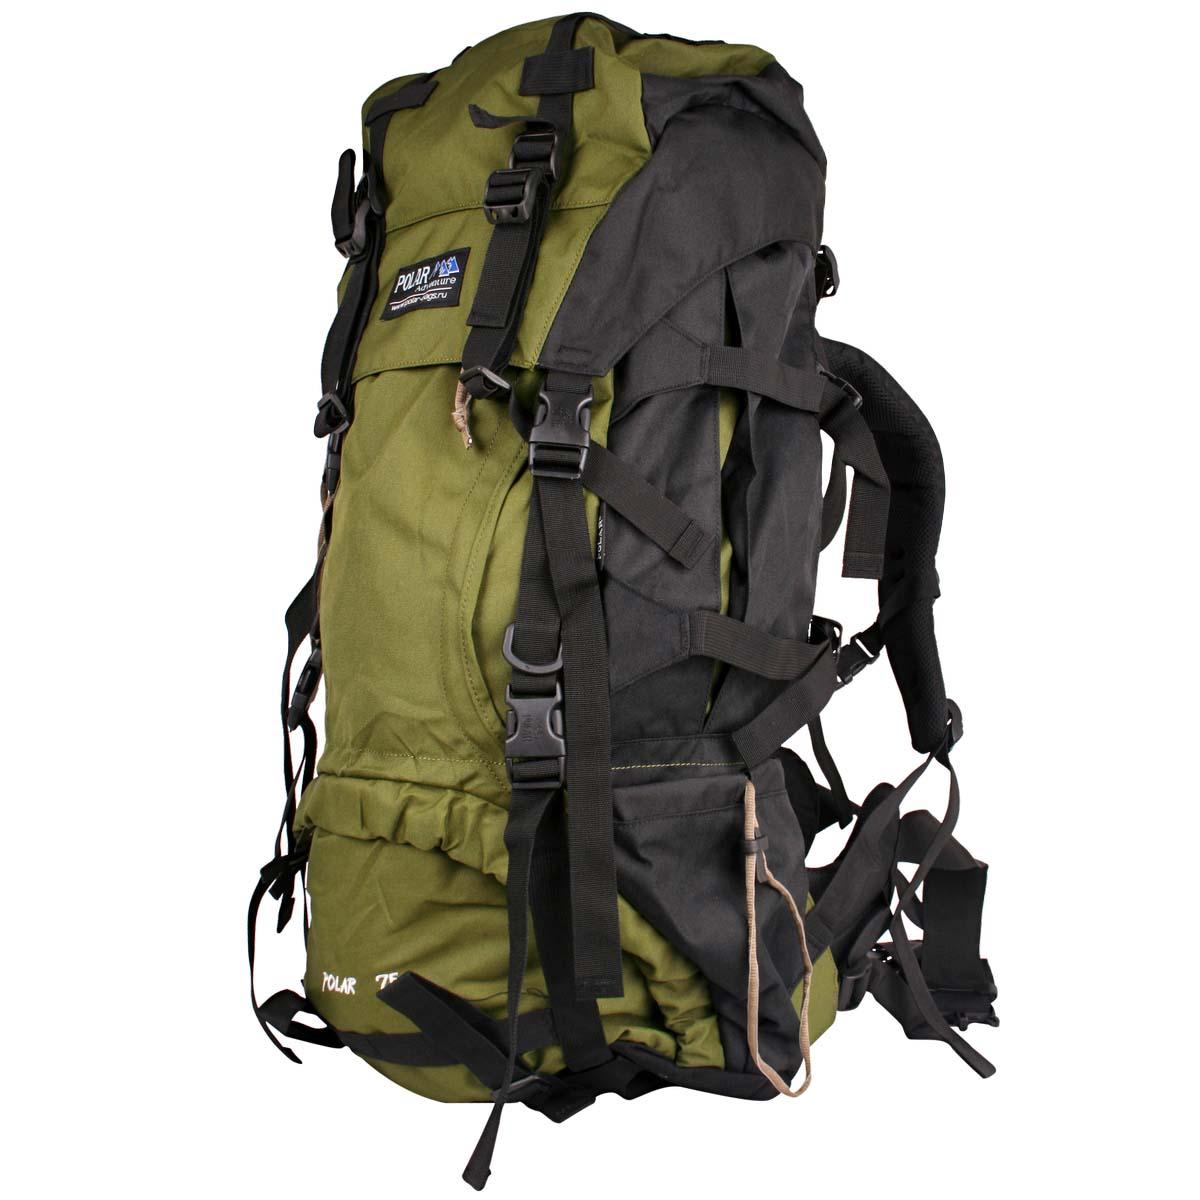 Рюкзак экспедиционный Polar, 70 л, цвет: темно-зеленый. П992-0867742Туристический рюкзак фирмы Polar. Отлично оснащенный рюкзак для альпинизма и туризма. Двойной доступ к основному отделению, множество карманов для мелочей и документов, карабин для ключей, карман для мобильного. Возможность крепления на рюкзак дополнительного оборудования. Регулируемая грудная стяжка с фиксатором. Регулируемый по длине поясной ремень с карманами на змейке. Материал: Polyester PU 600D.